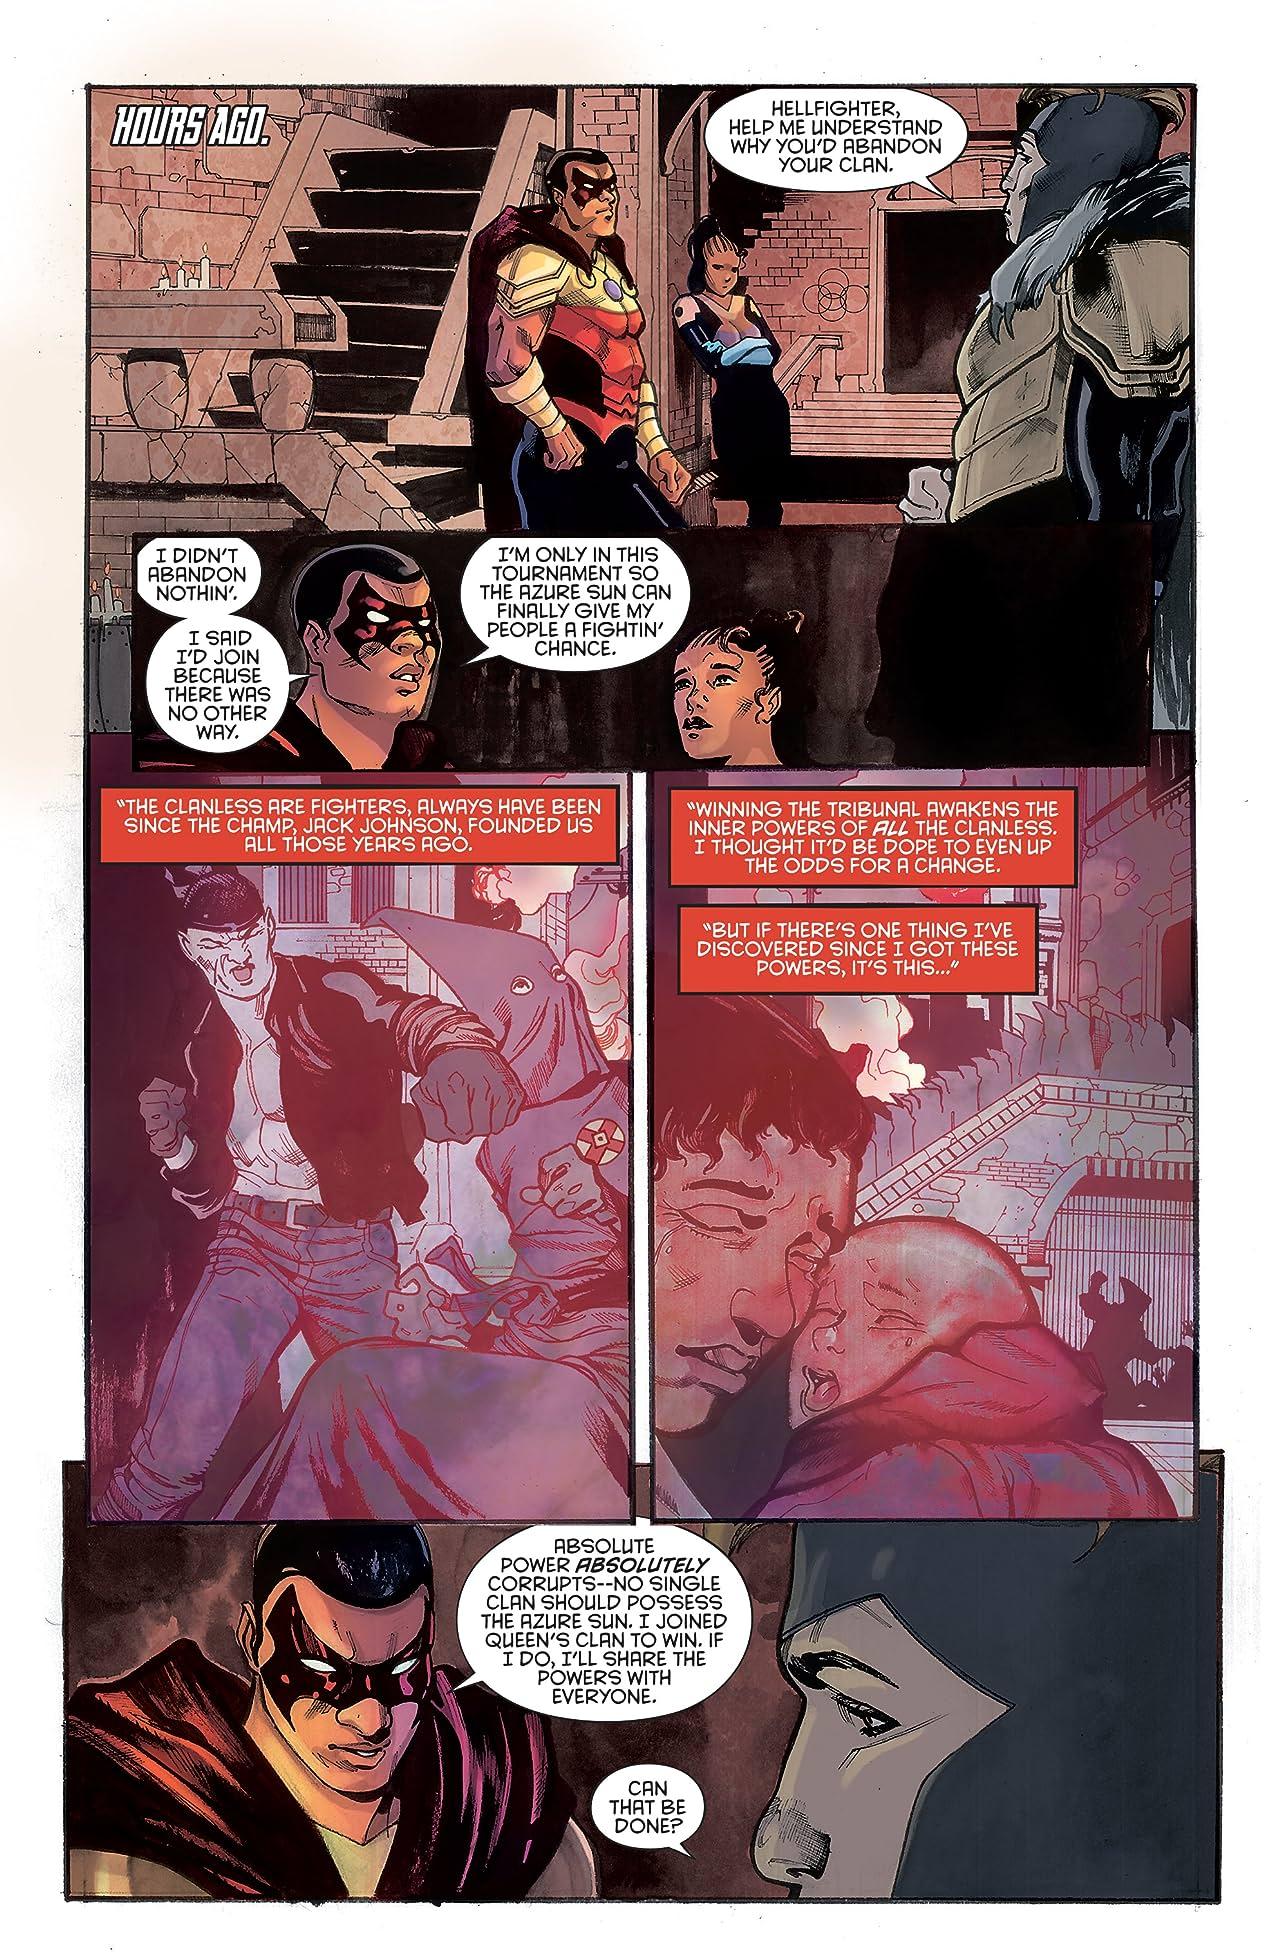 Hellfighter Quin #5